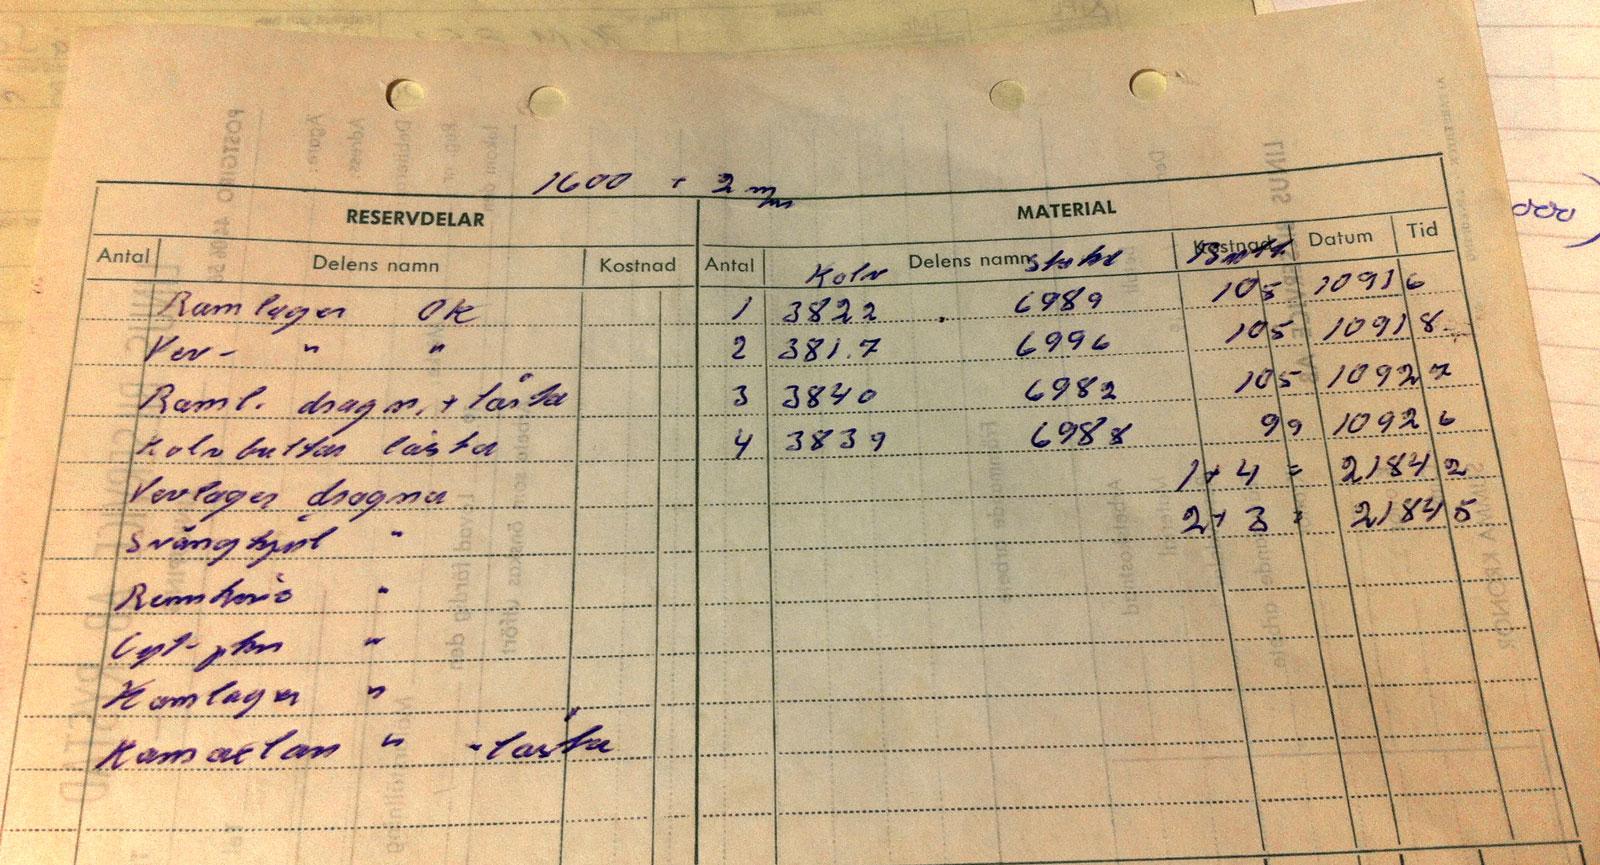 3. Oj! Herrejösses! Vilken dokumentation! Motorbyggaren Veine Johanssons handstil är lika prydlig som hans balanseringar är noggranna. Det är förtroendeingivande när mekaniker gör anteckningar på äkta papper när ramlageröverfallen blivit dragna.